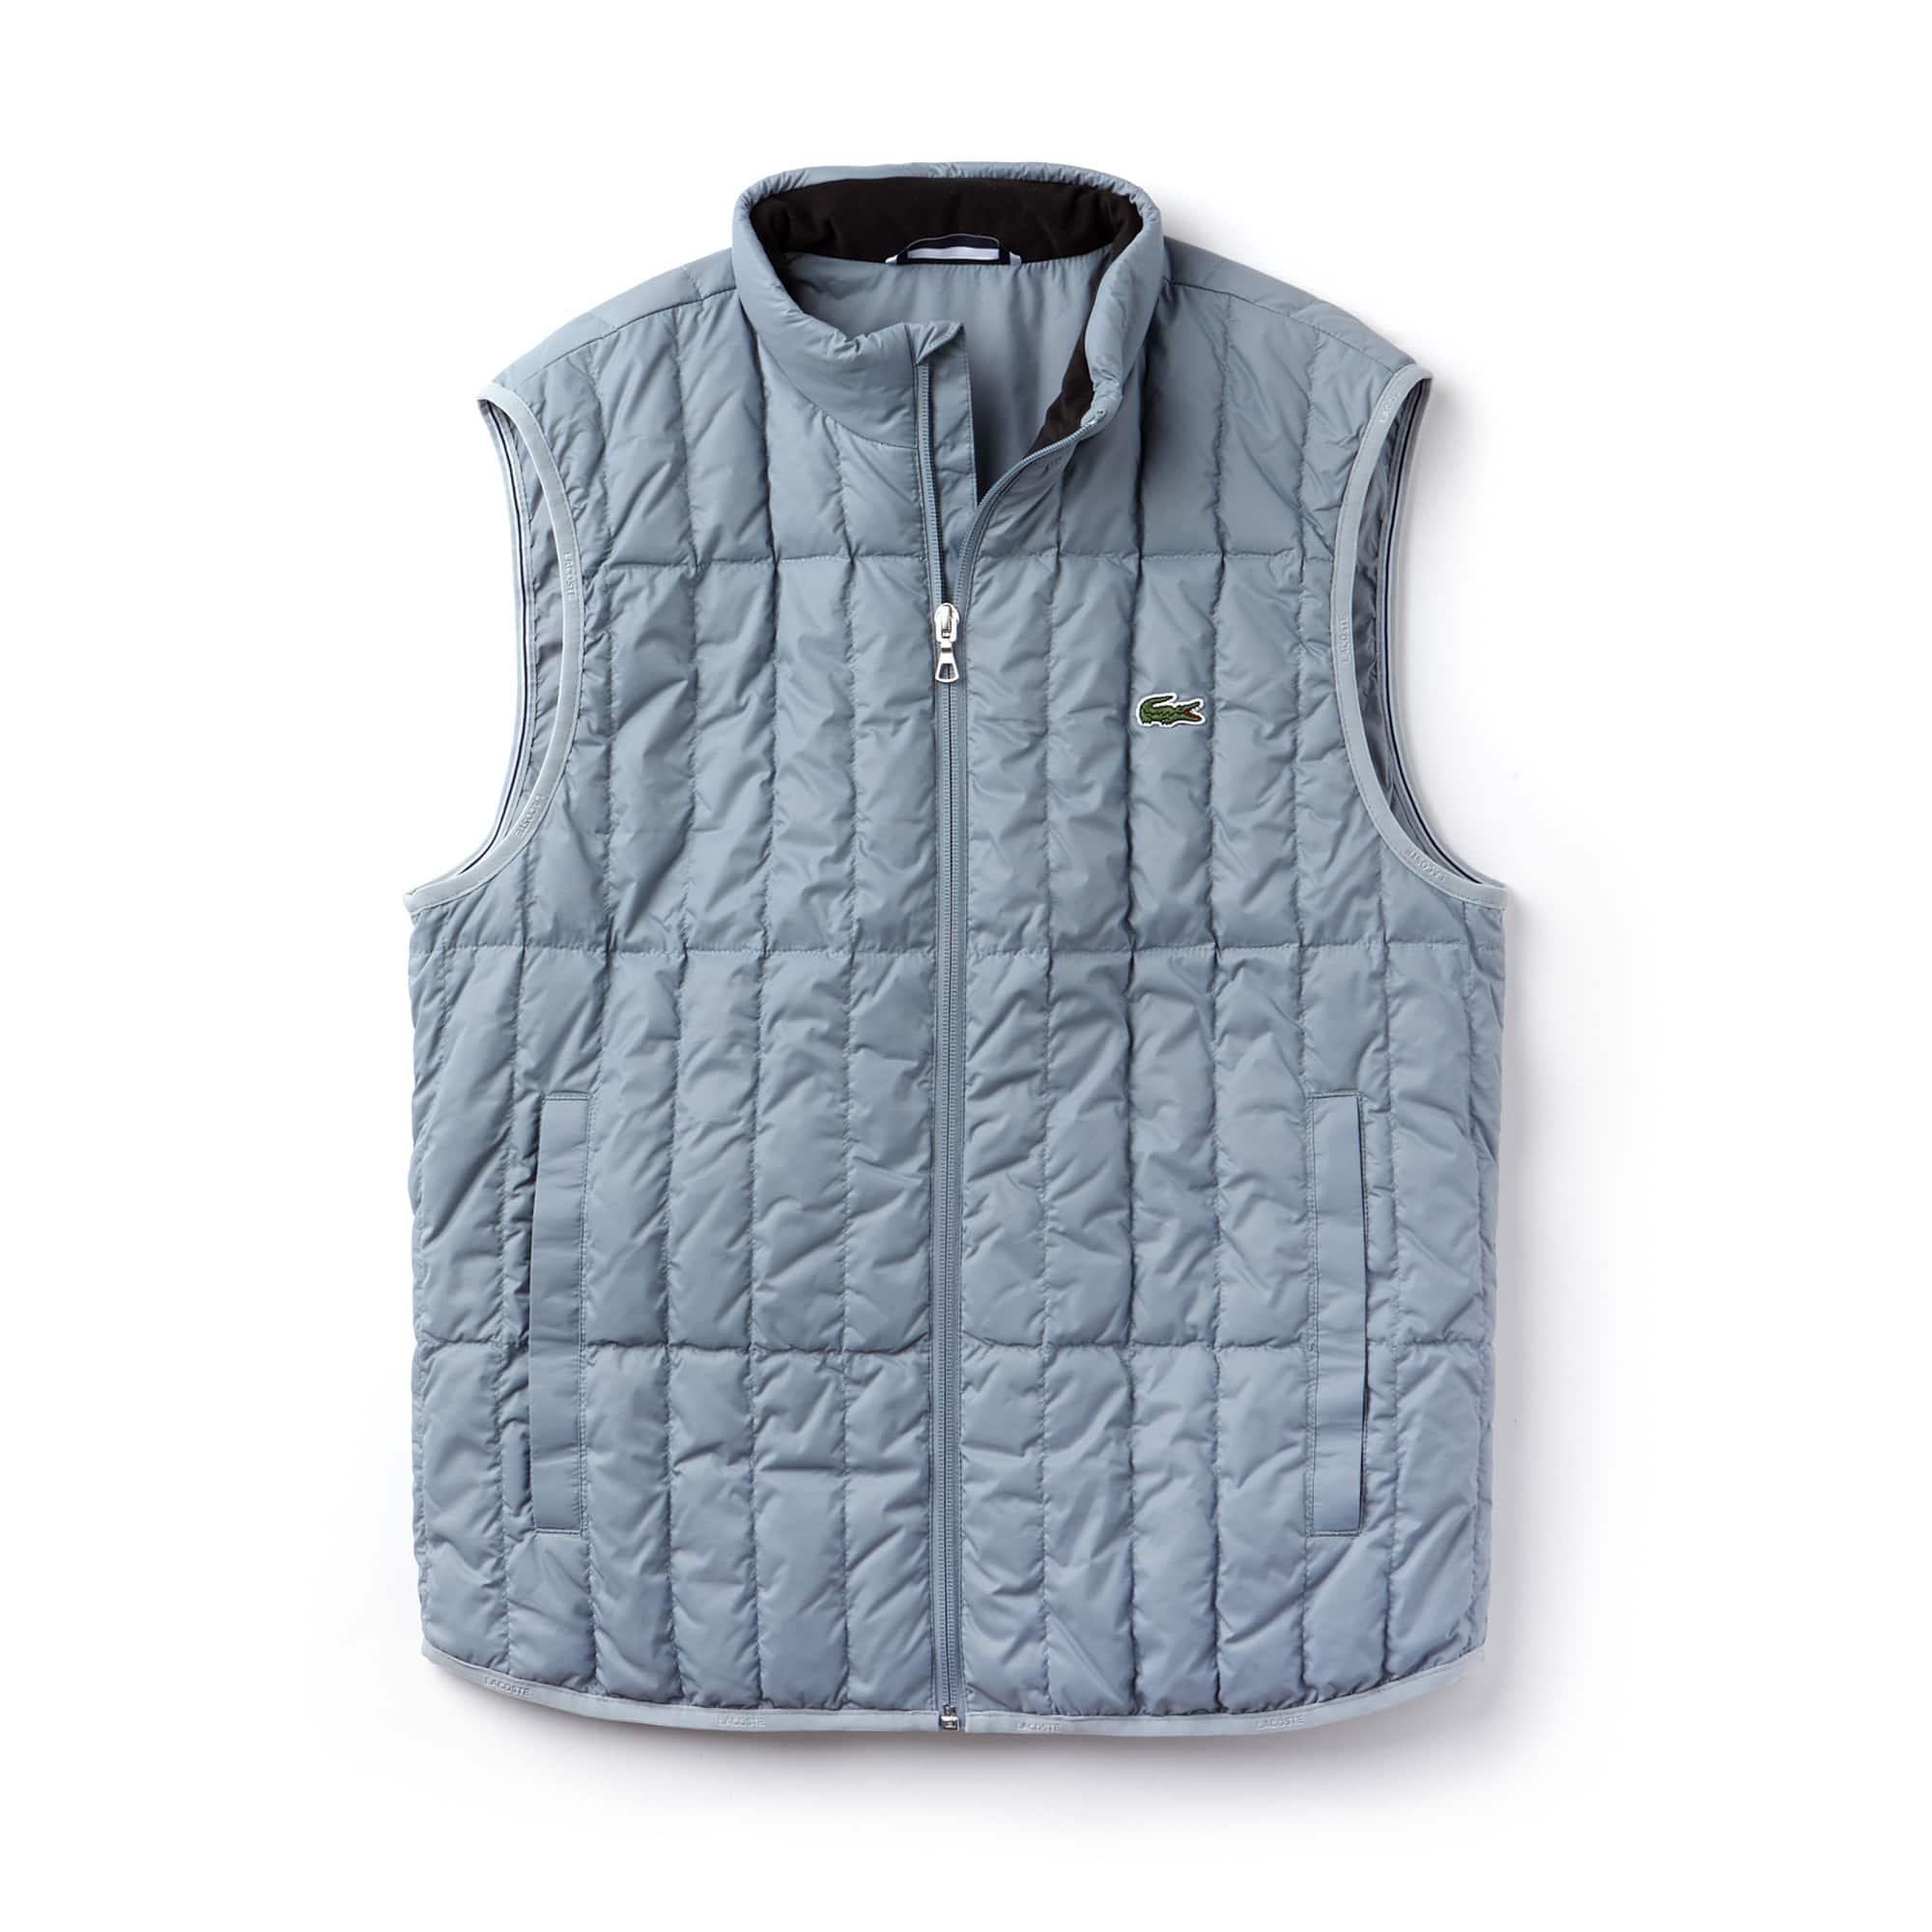 Blusão acolchoado sem mangas com capuz integrado na gola